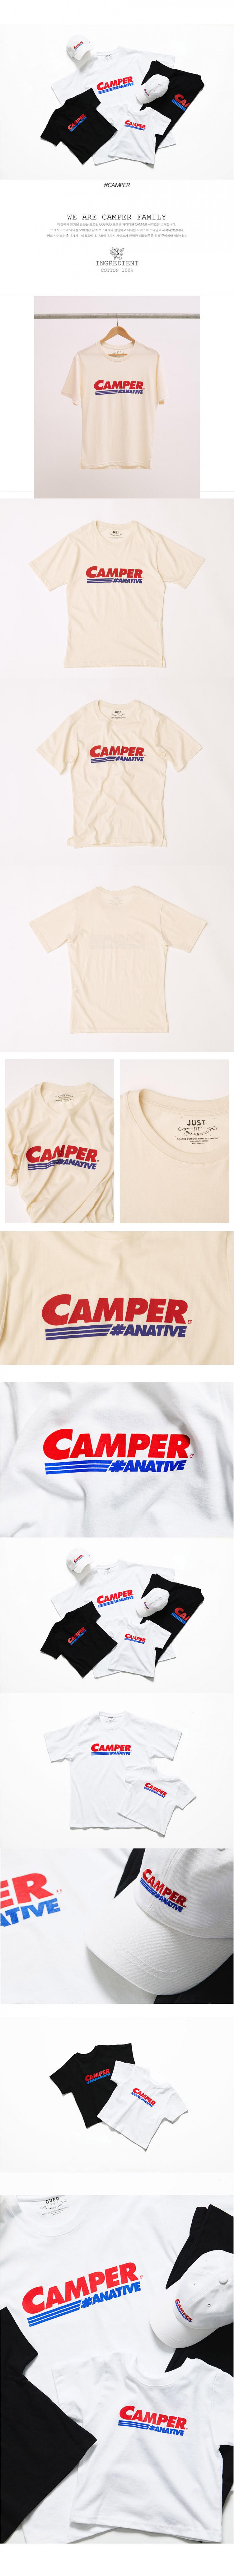 어네이티브(A.NATIVE) 30수 캠퍼 레터링 박스핏 반팔 티셔츠 (아이보리)